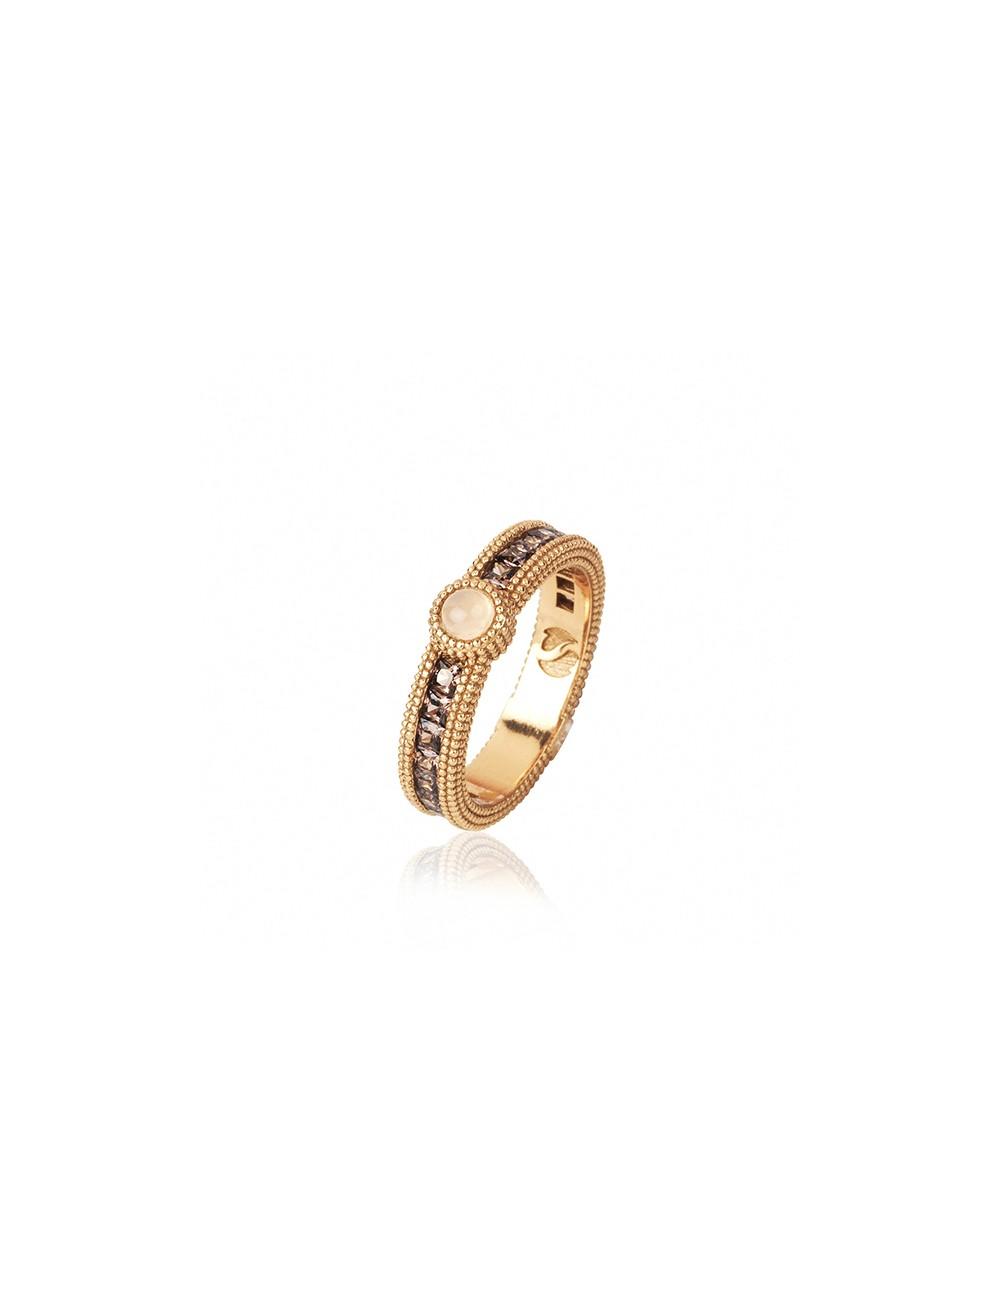 Sunfield -Anillo Sunfield plata baño oro rosa, cuarzo rosa y circonitas -AN062340/2/15